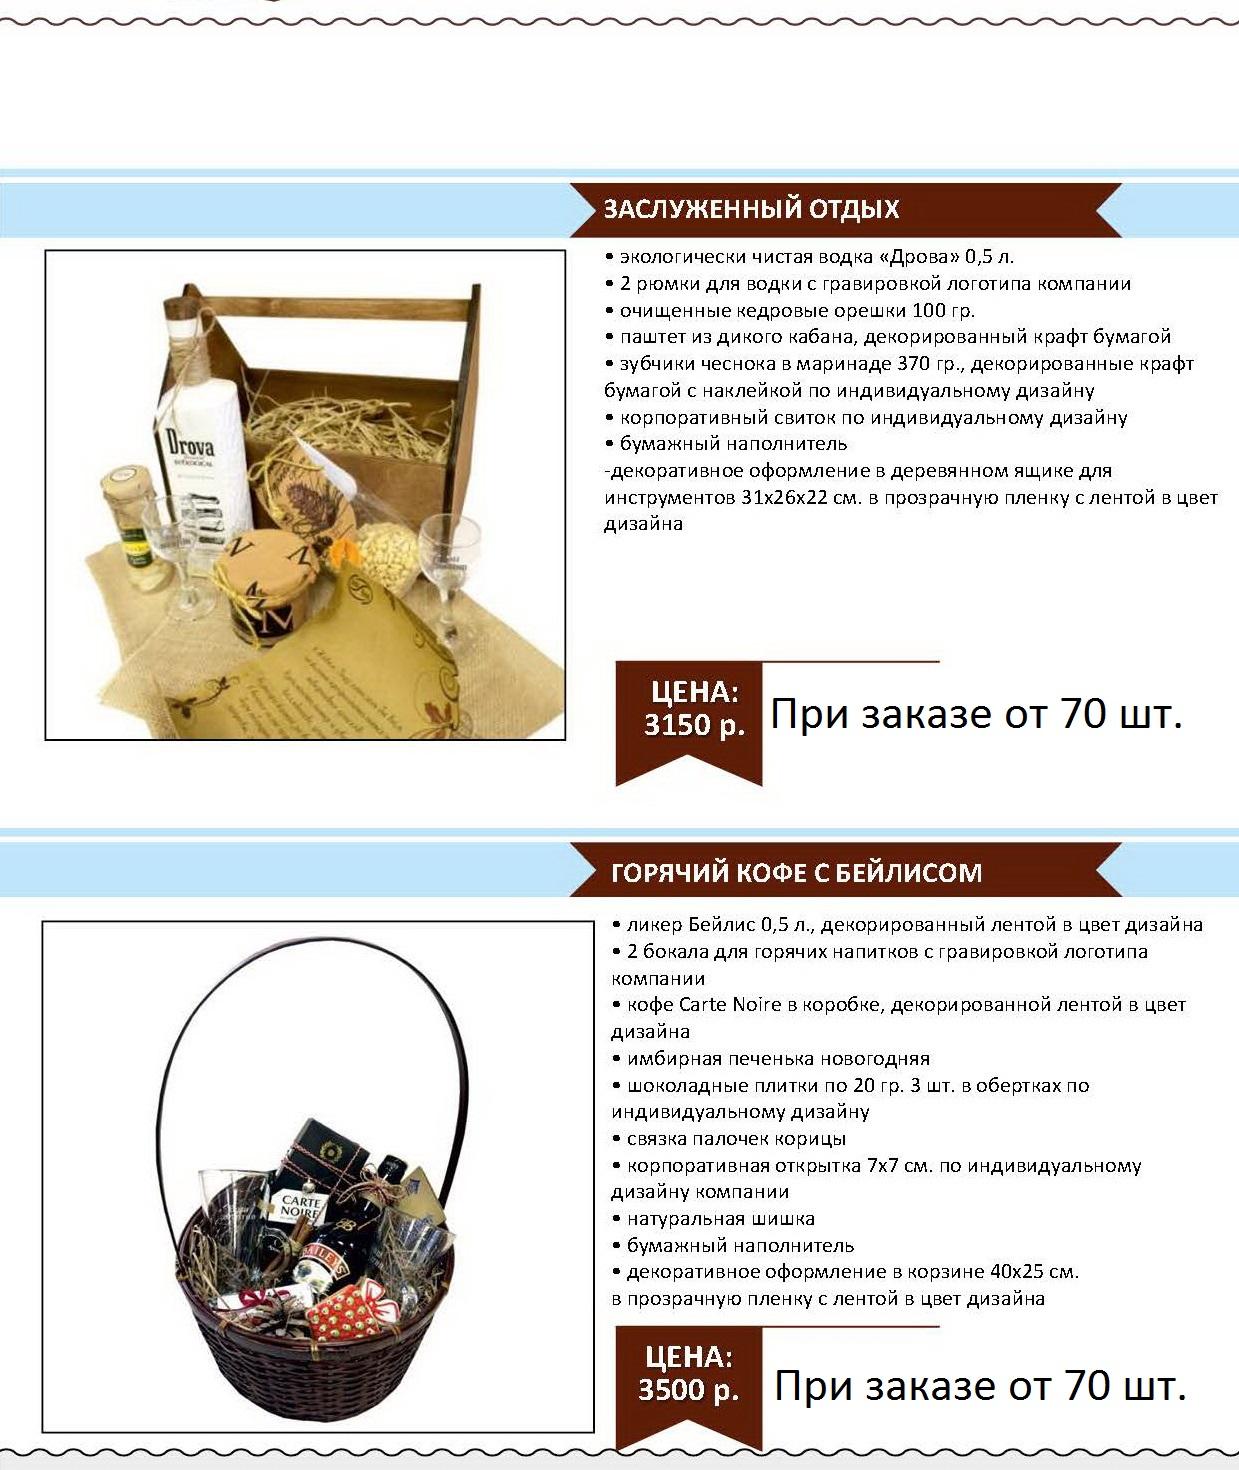 new_year_stranitsa_117